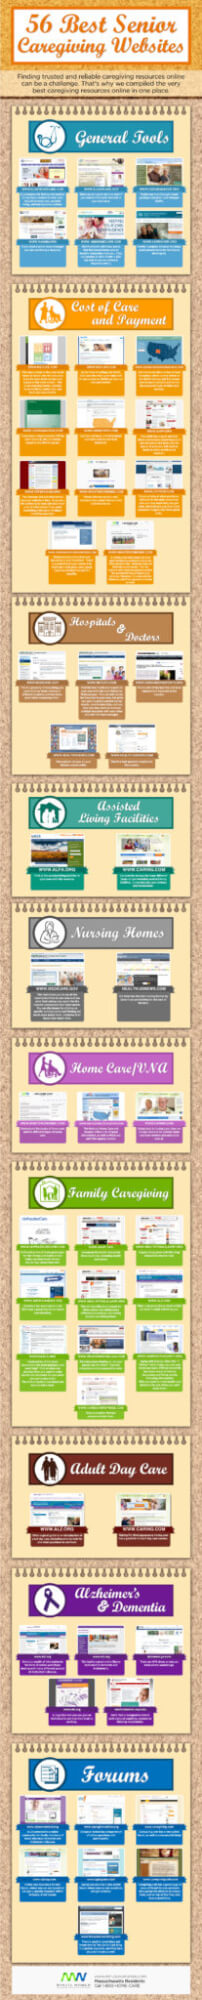 56-Best-Senior-Caregiving-Tools-Online